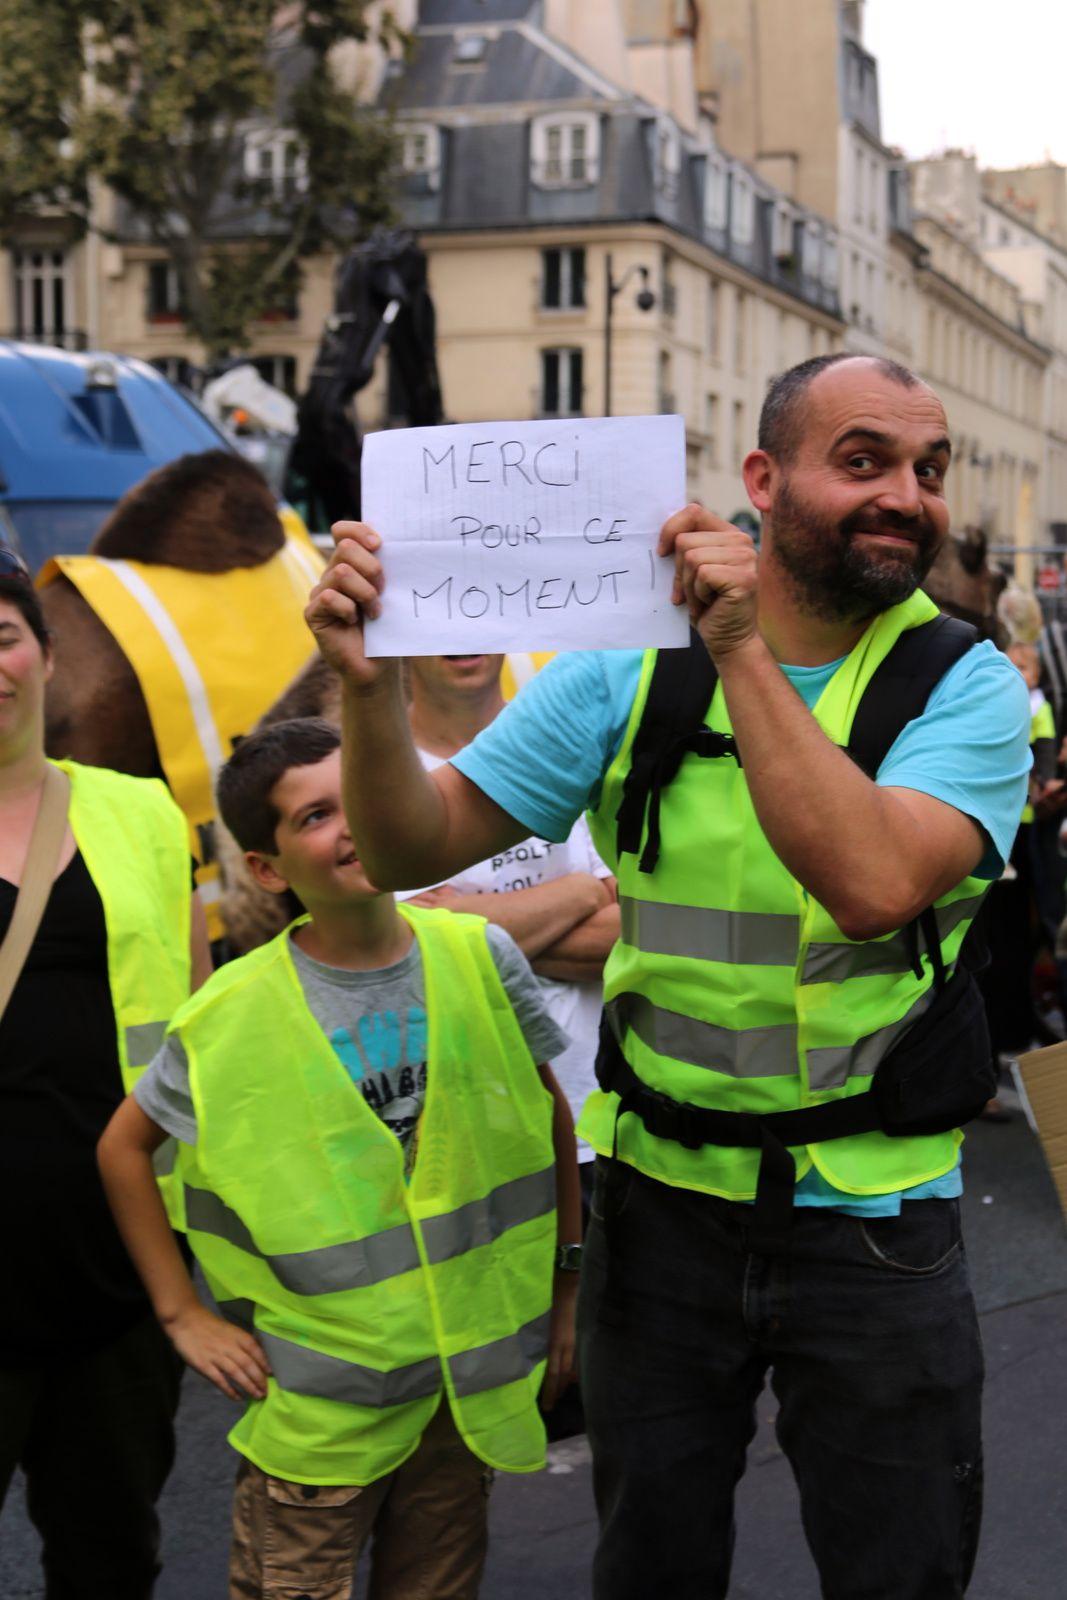 quelques photos de la manifestation du 6 septembre ,histoire de patienter avant le verdict du tribunal administratif